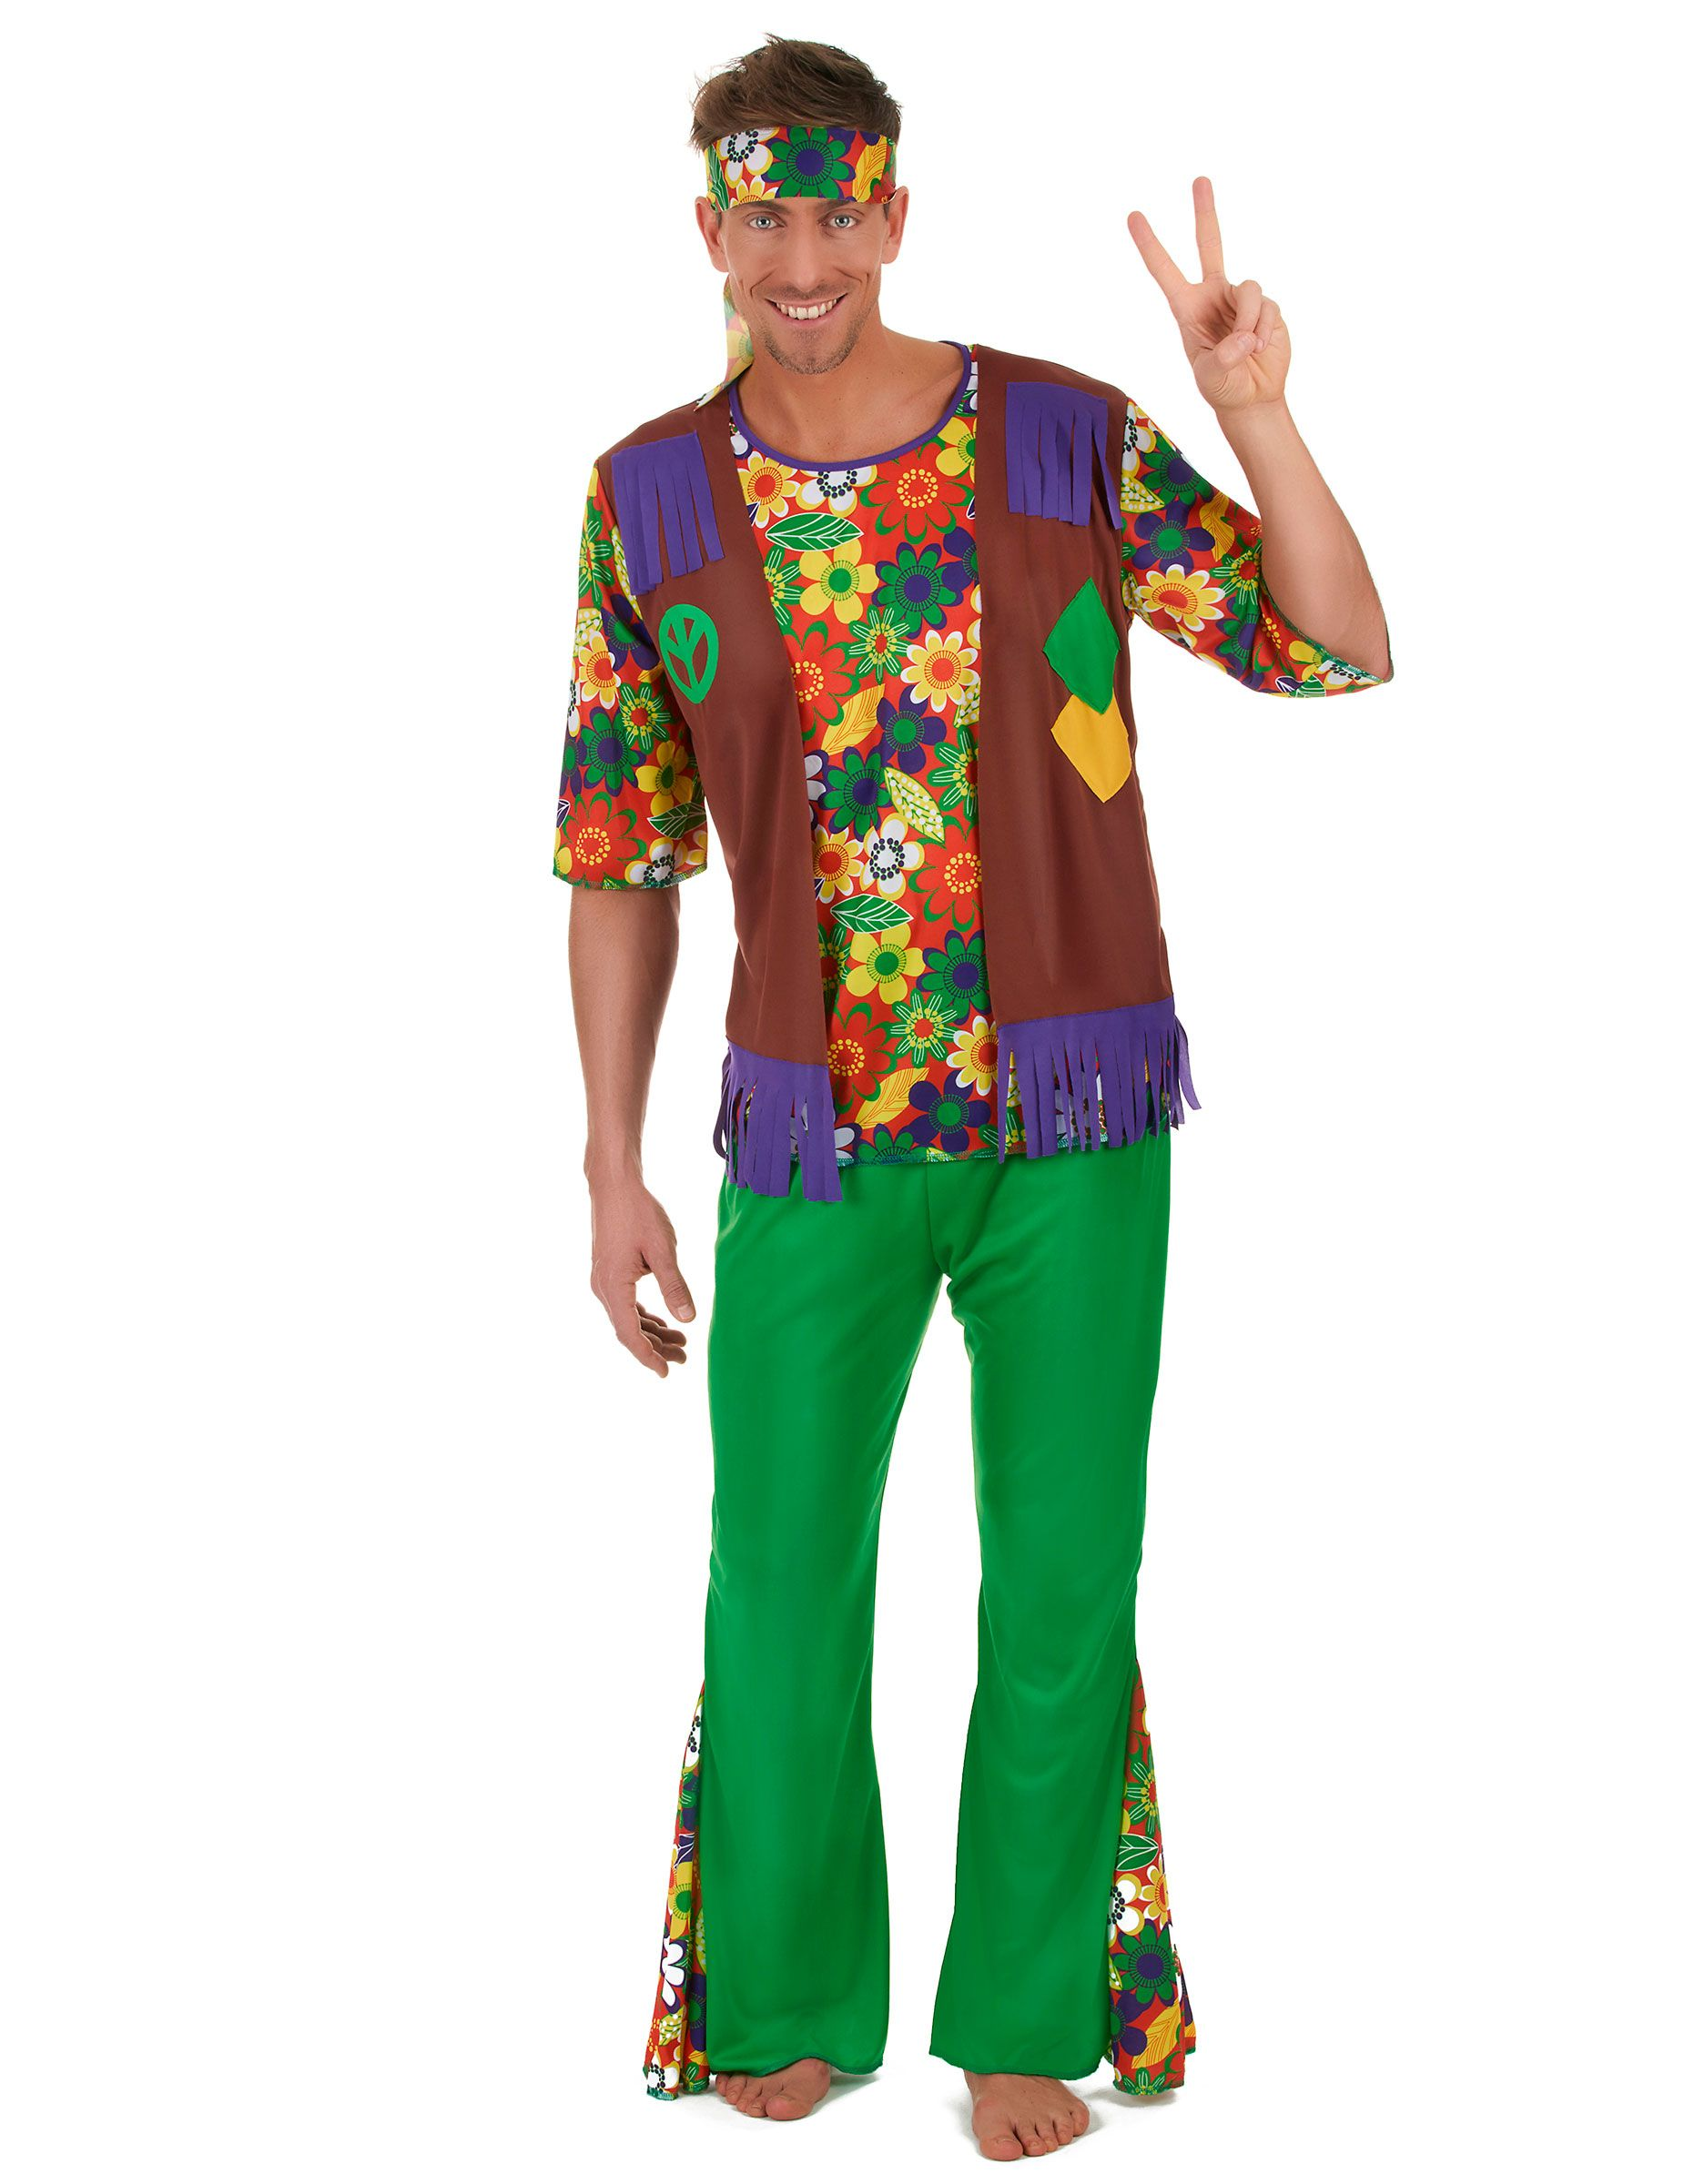 Disfraz hippie flower power hombre  Este disfraz de hippie para adulto  incluye camiseta b727d0c7dfe6